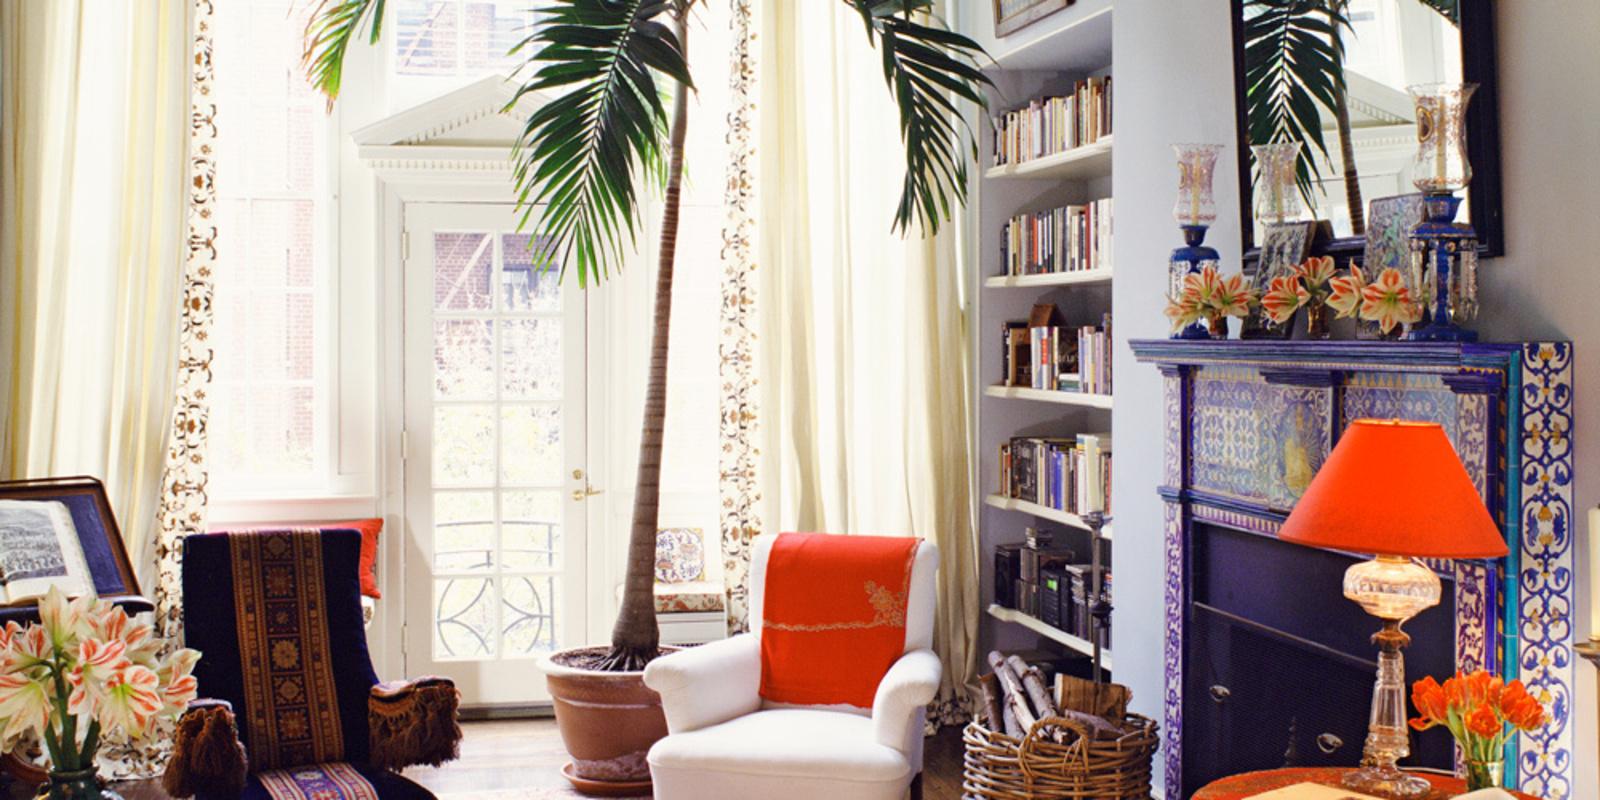 10 do s en don ts bij een eclectische stijl in huis for Eclectische stijl interieur